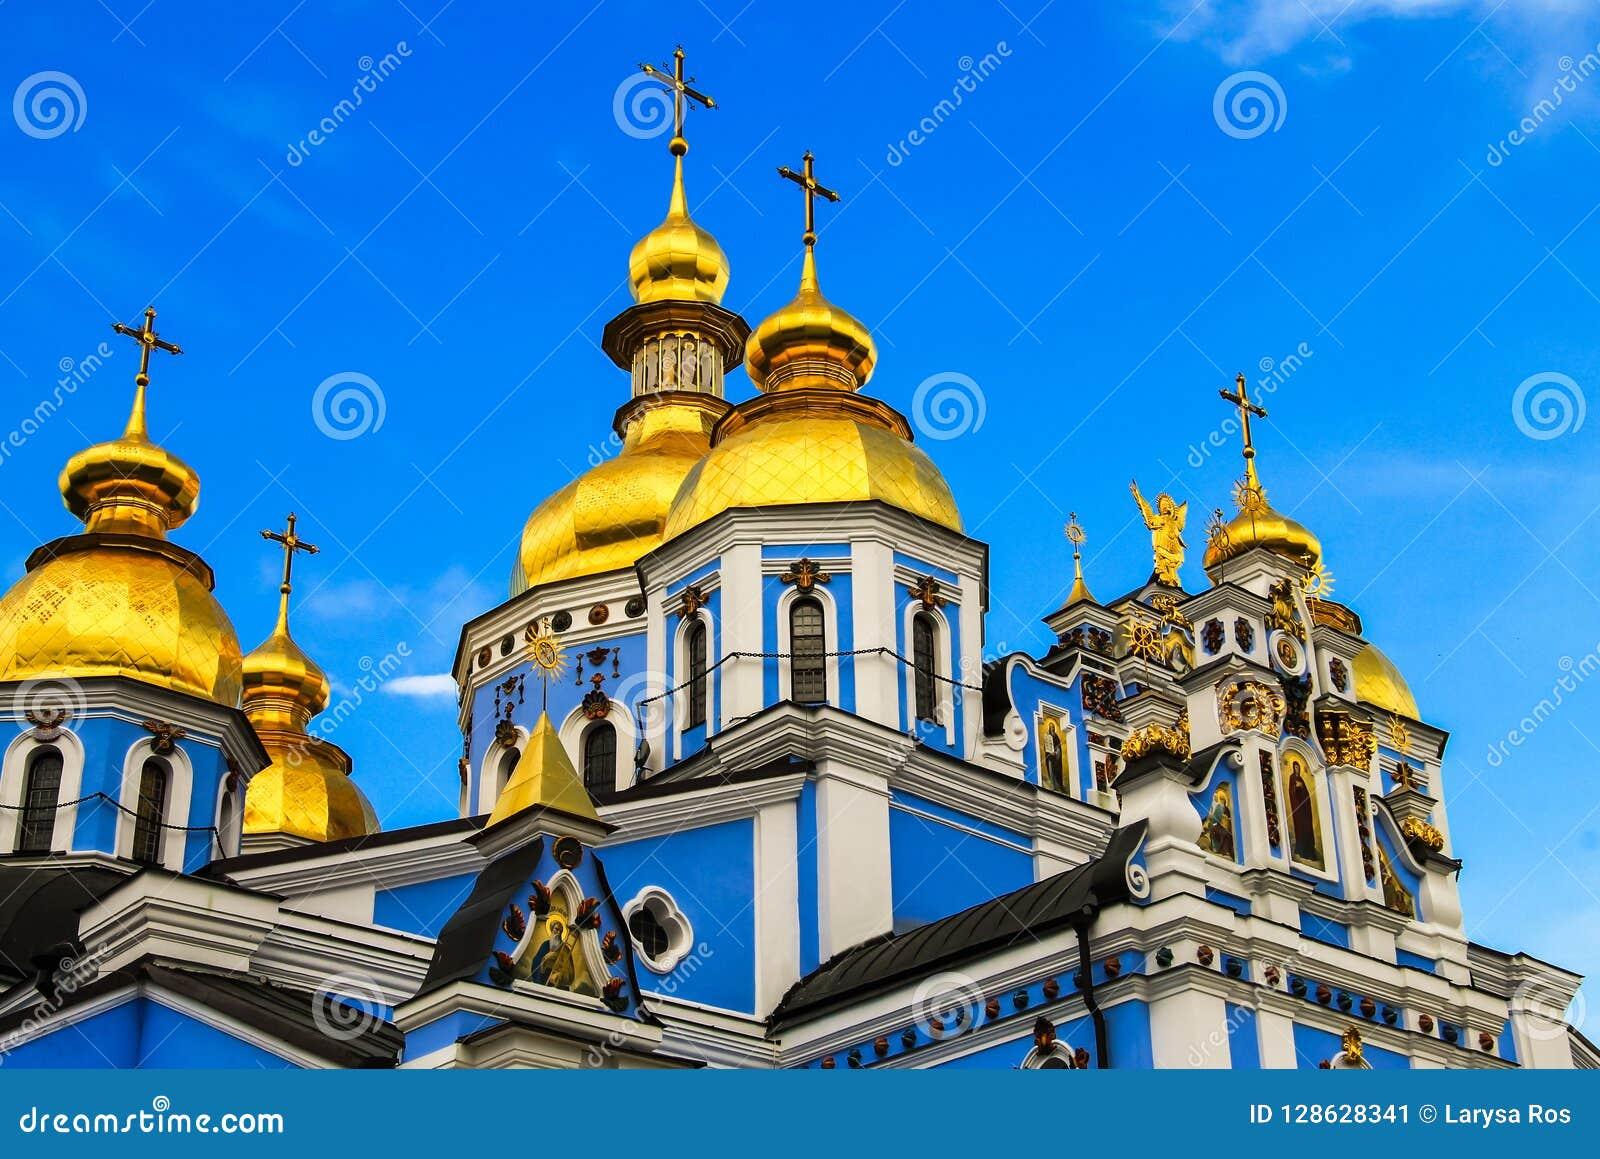 Bóvedas del monasterio masculino de oro azul hermoso de Svyato Mikhailovsky, la catedral cristiana más vieja de Ucrania